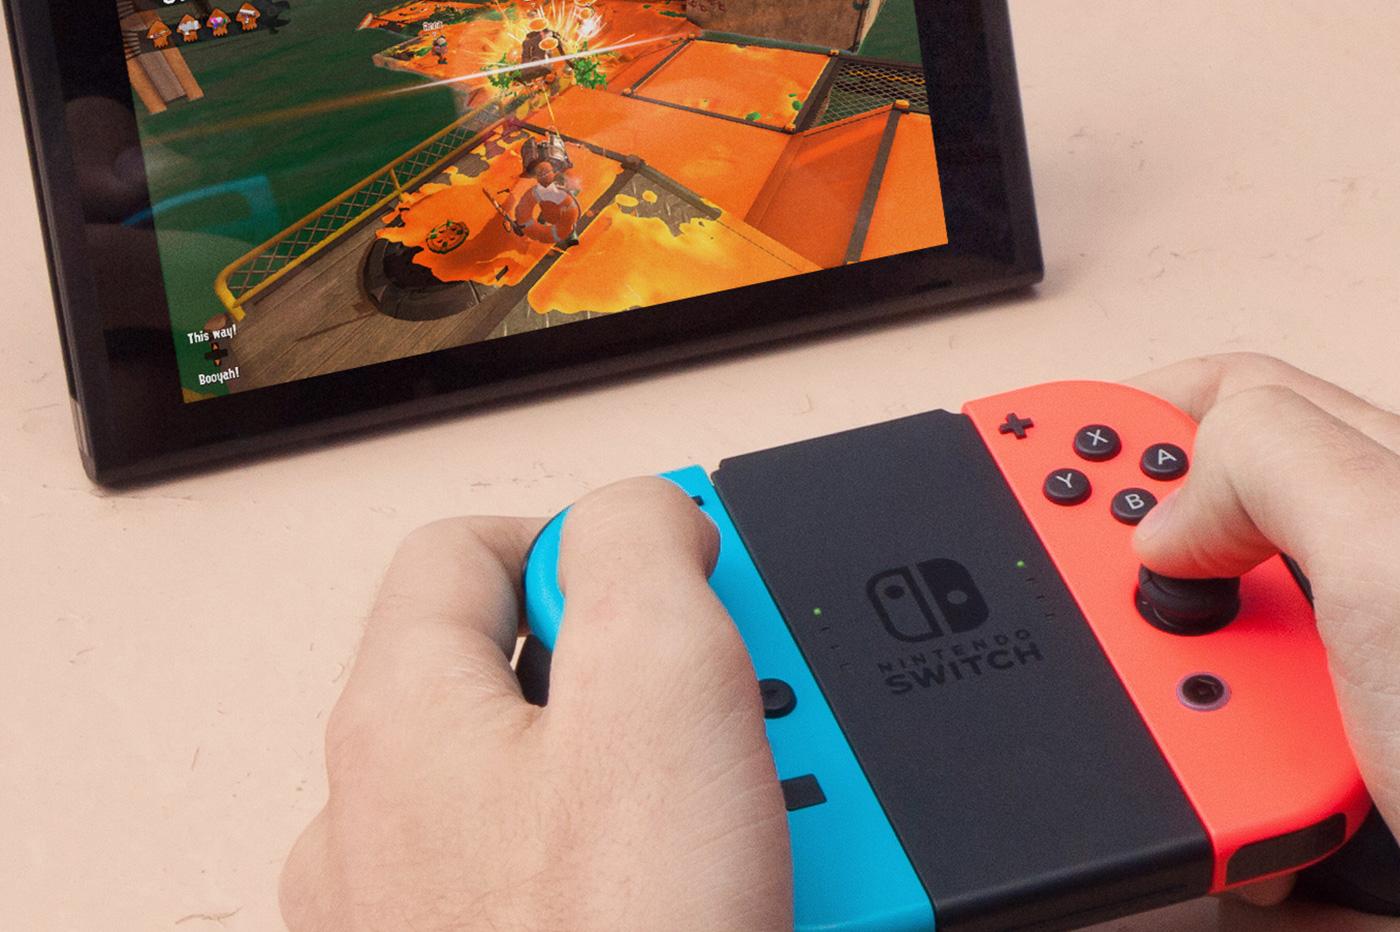 Toujours porté par la Switch, Nintendo dégage un bénéfice en forte hausse